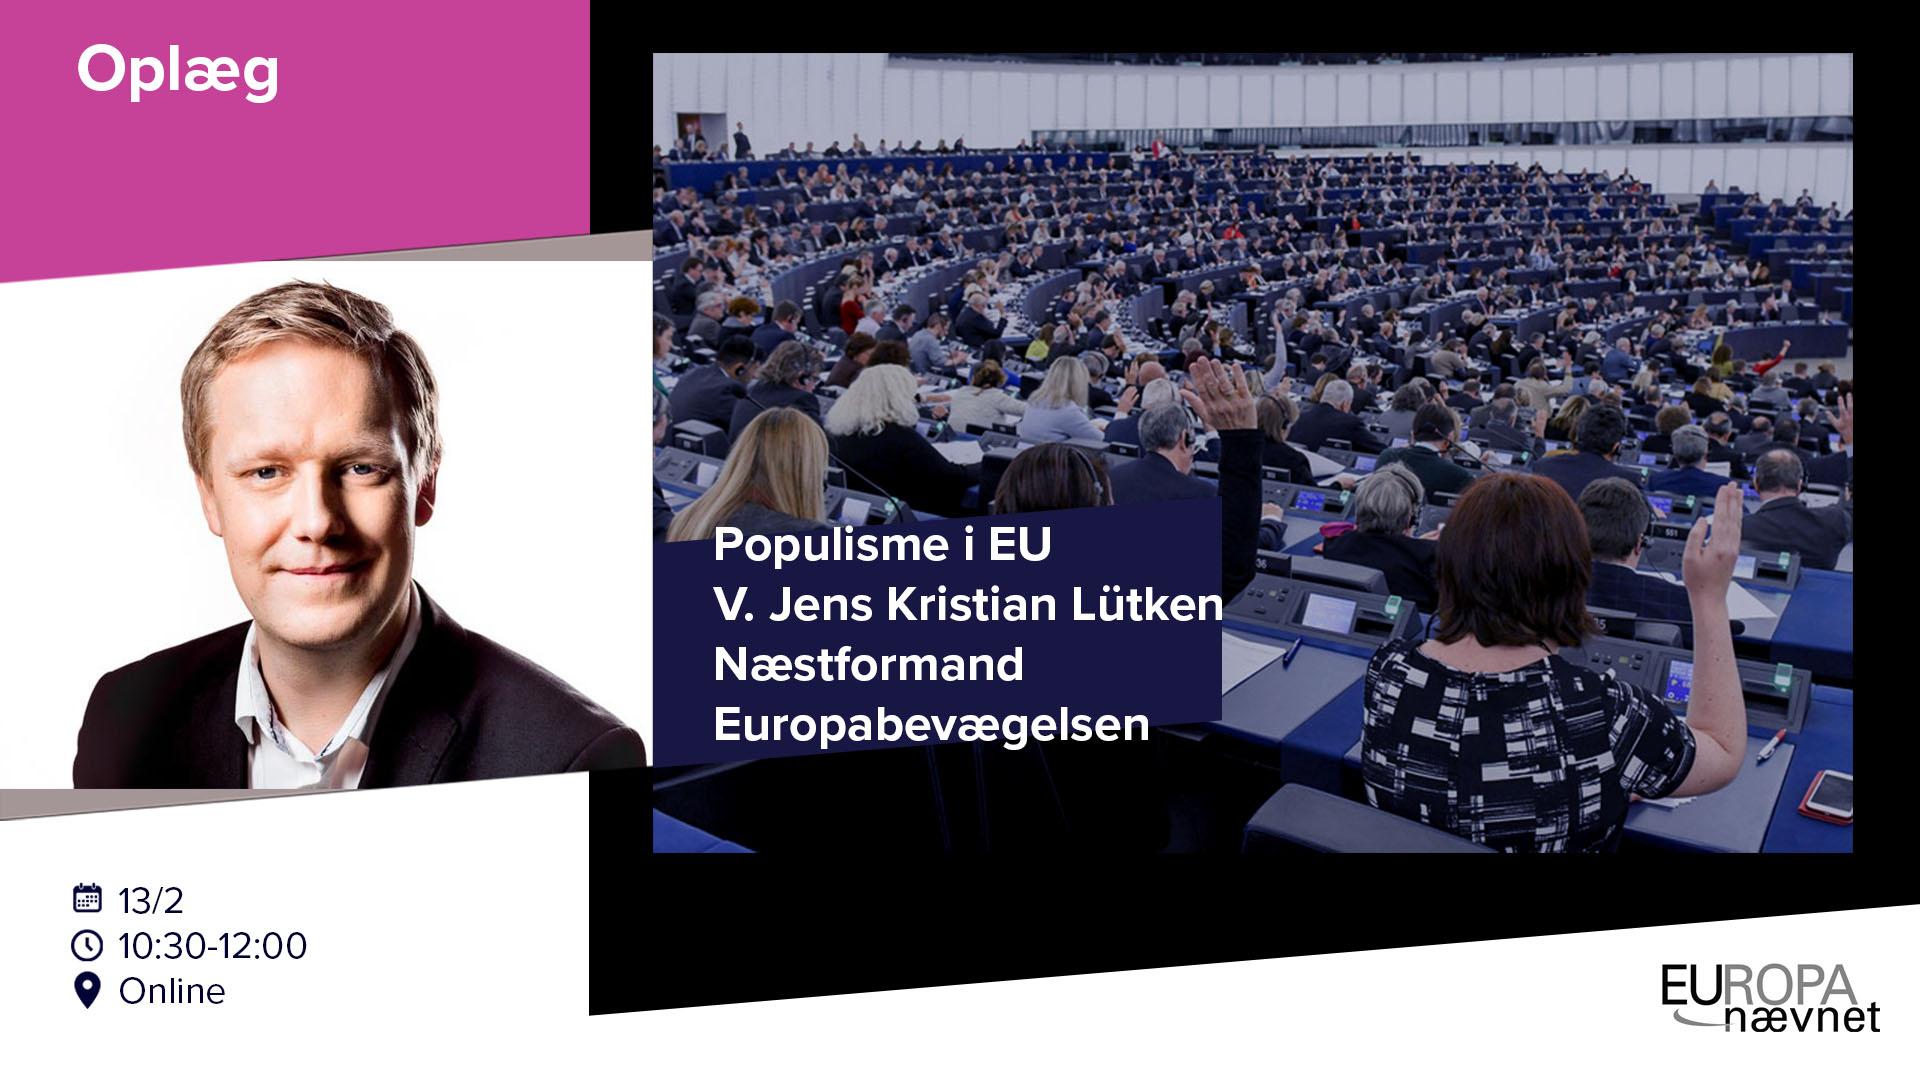 Oplæg: EU-modstand og populisme